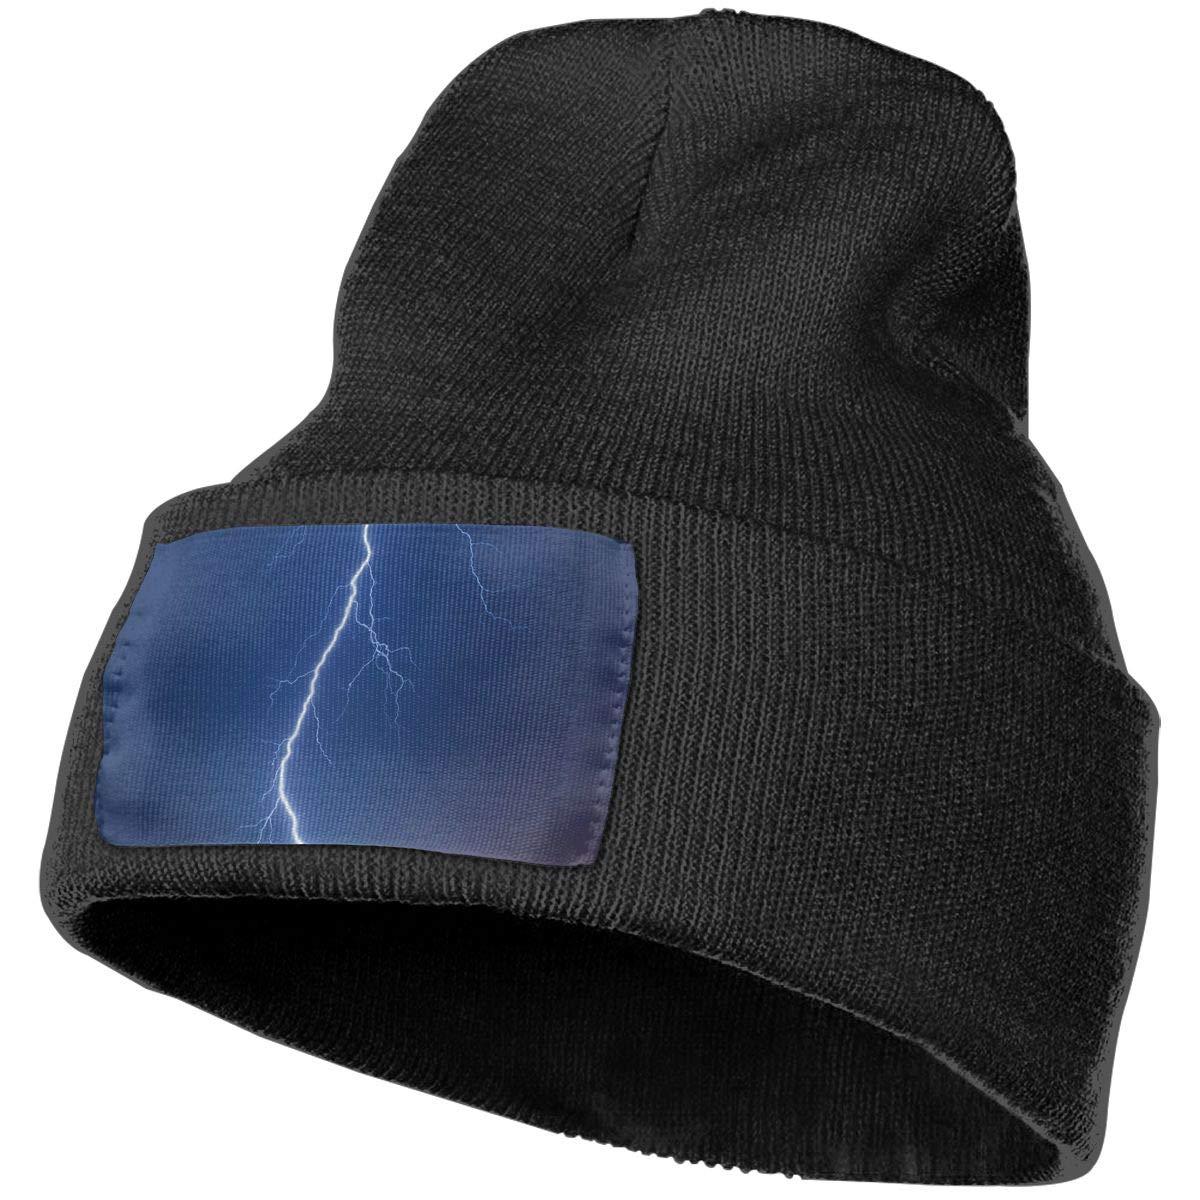 Horizon-t Lightning Unisex 100/% Acrylic Knitting Hat Cap Fashion Beanie Hat